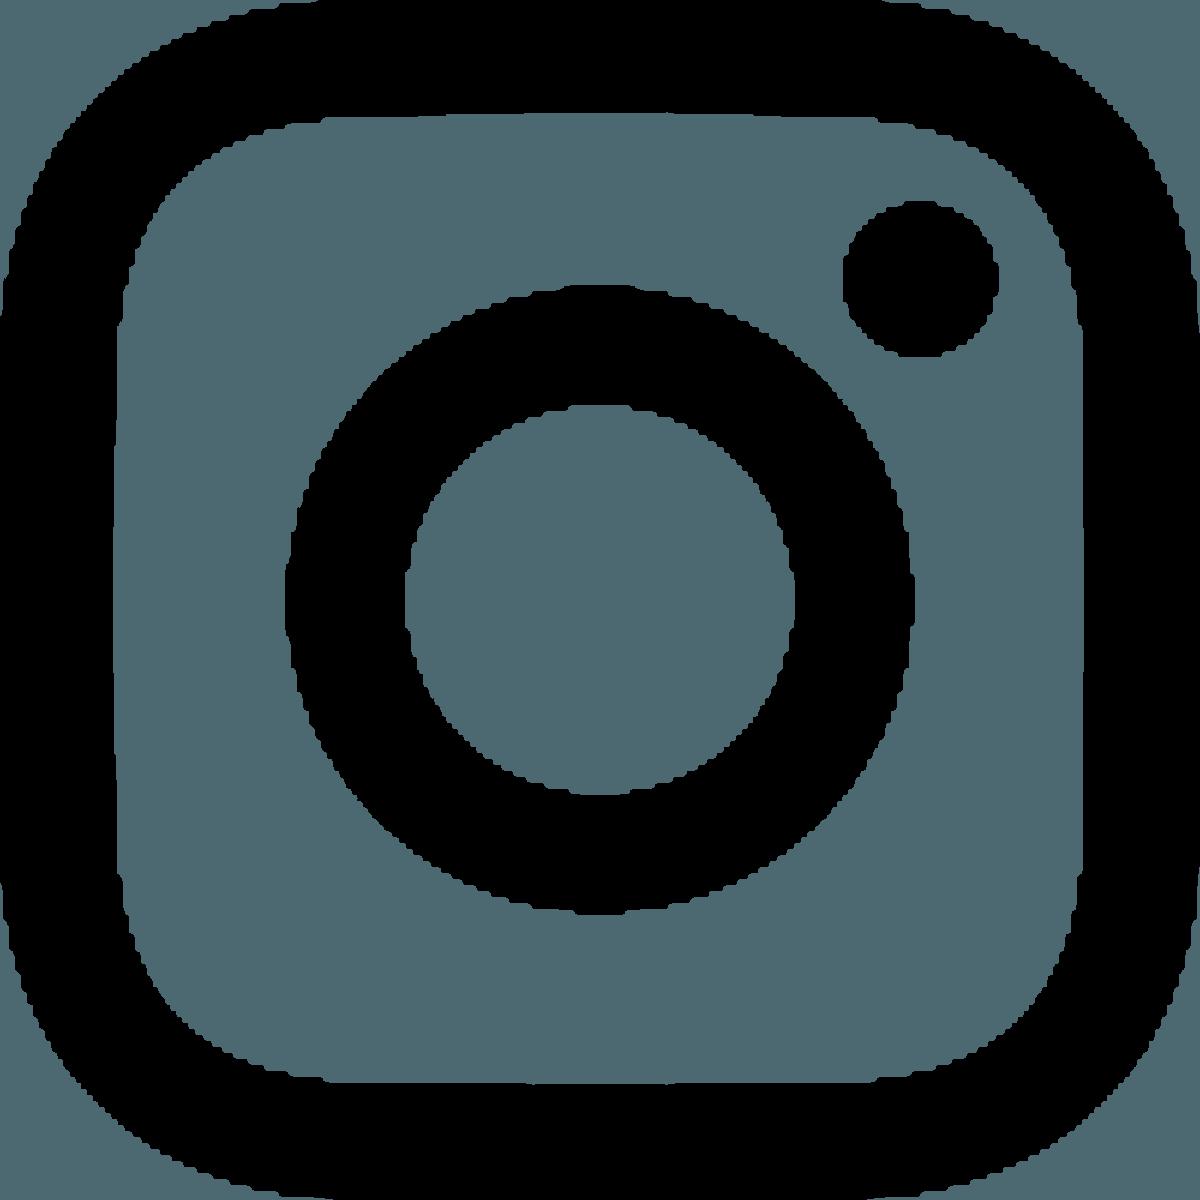 Instagram social media clipart svg royalty free stock Instagram is the only true social media platform we have left ... svg royalty free stock